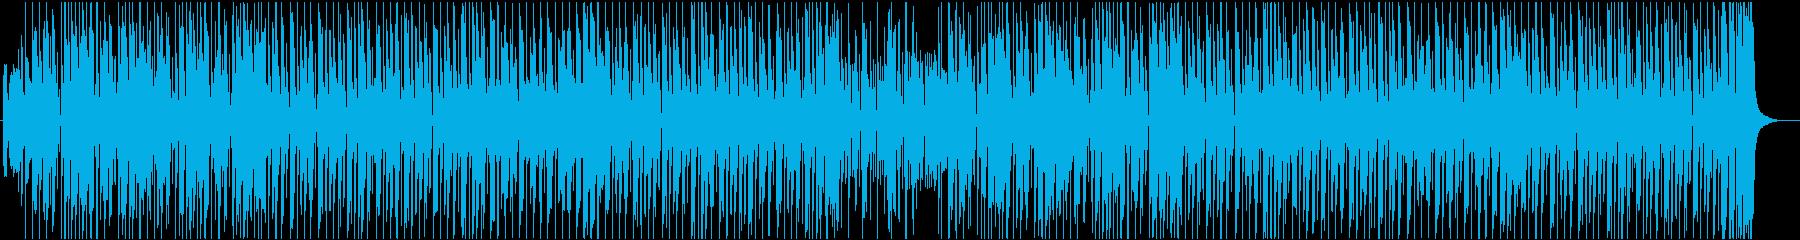 疾走感・軽快・都会的なピアノファンクの再生済みの波形